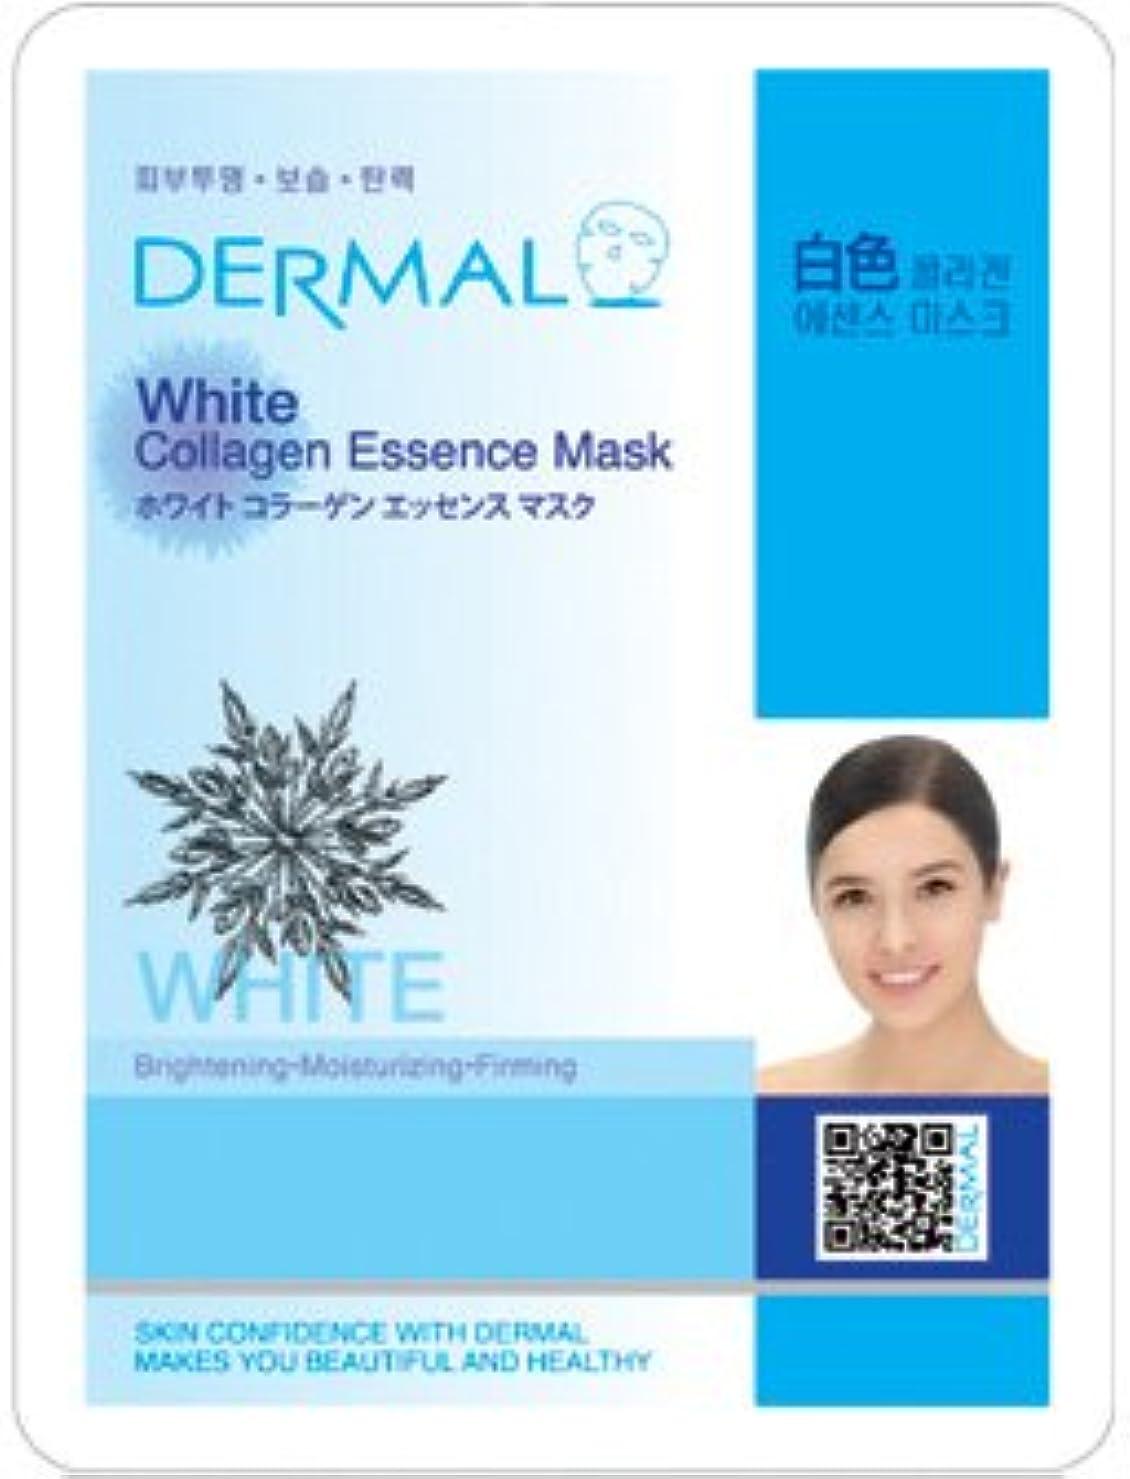 花瓶継続中遠洋のシートマスク ホワイト 100枚セット ダーマル(Dermal) フェイス パック